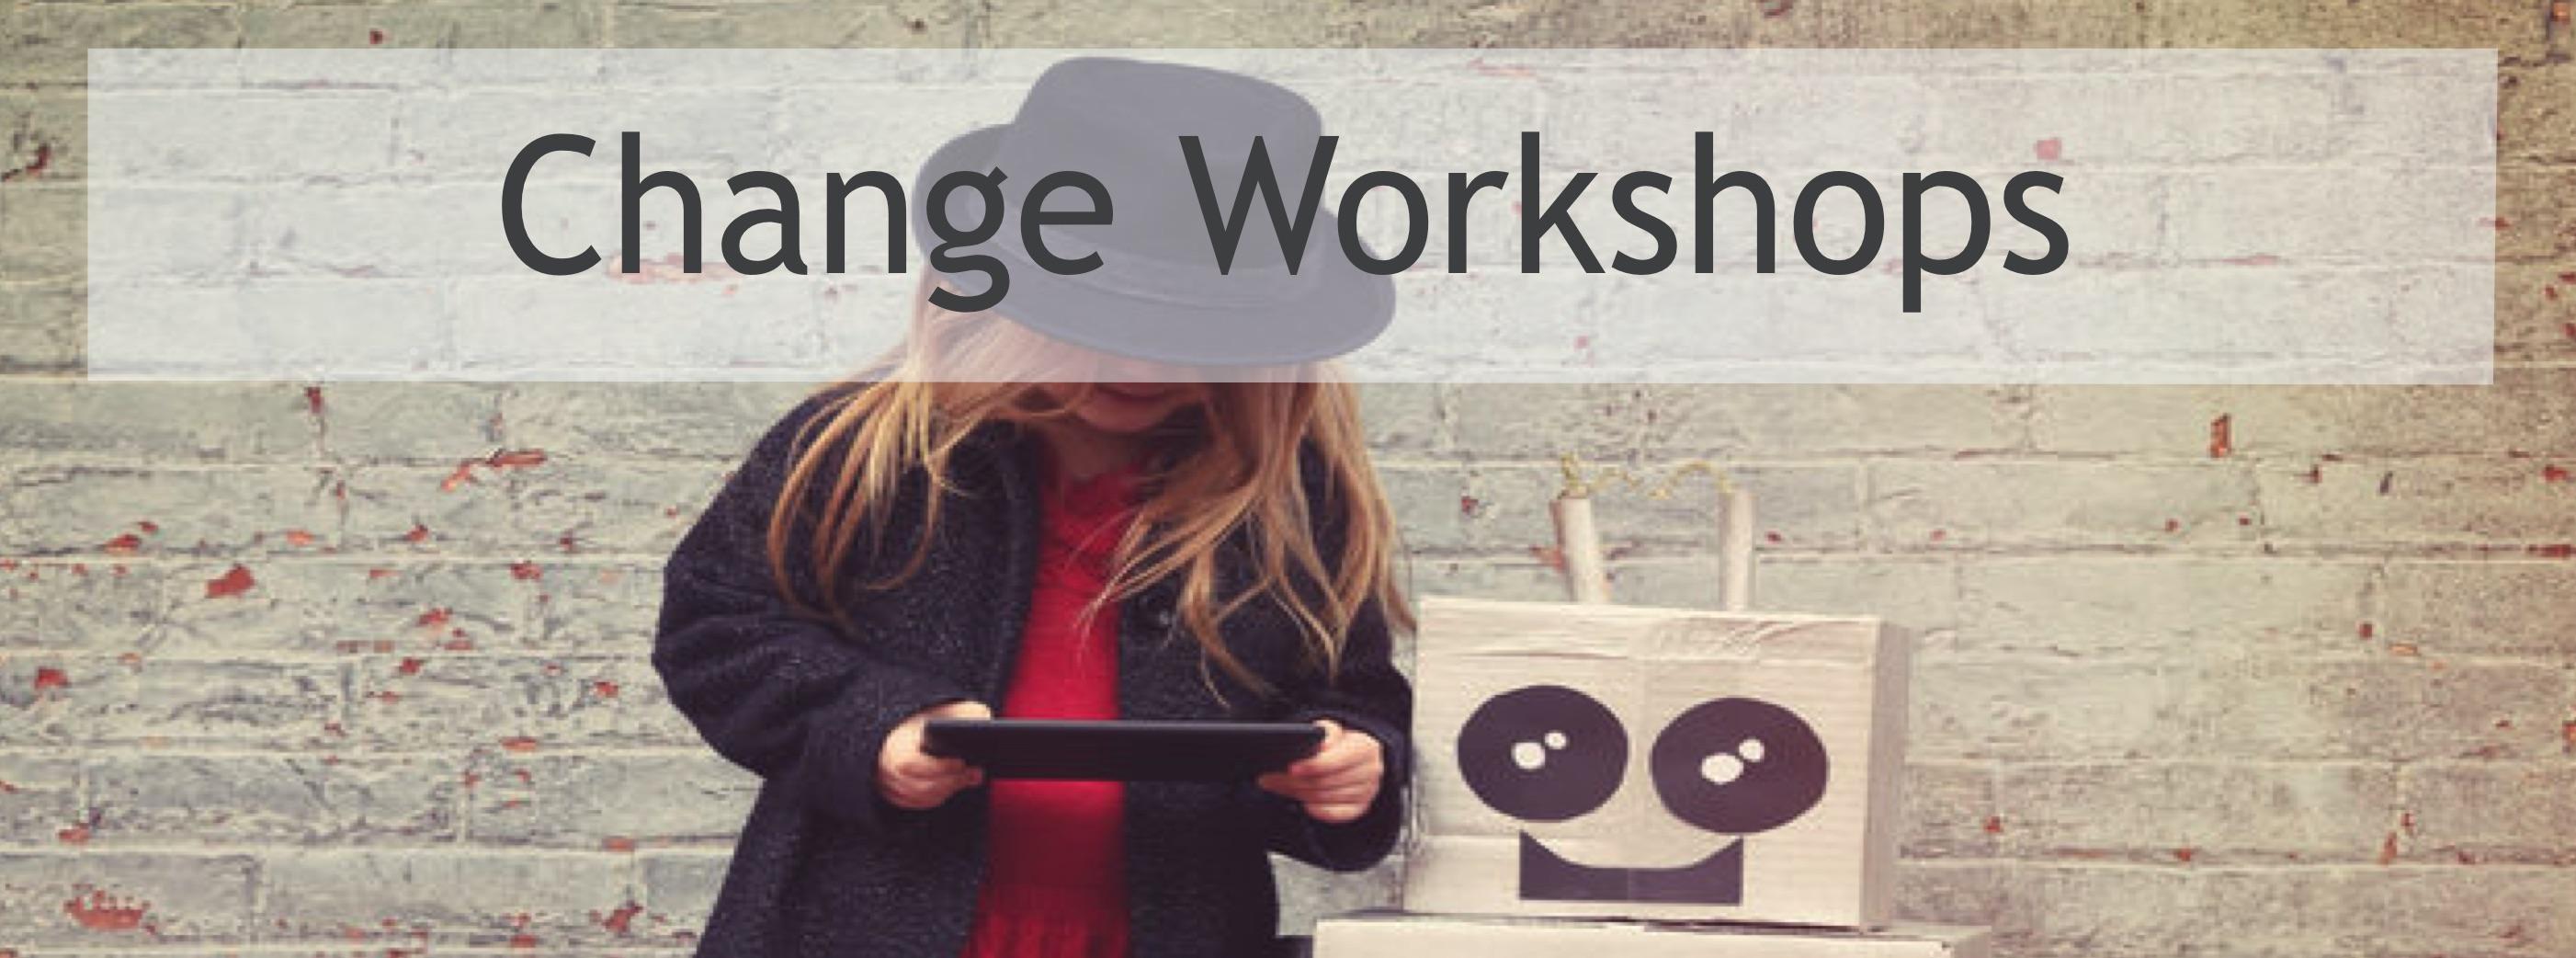 Change Workshops Banner.jpg